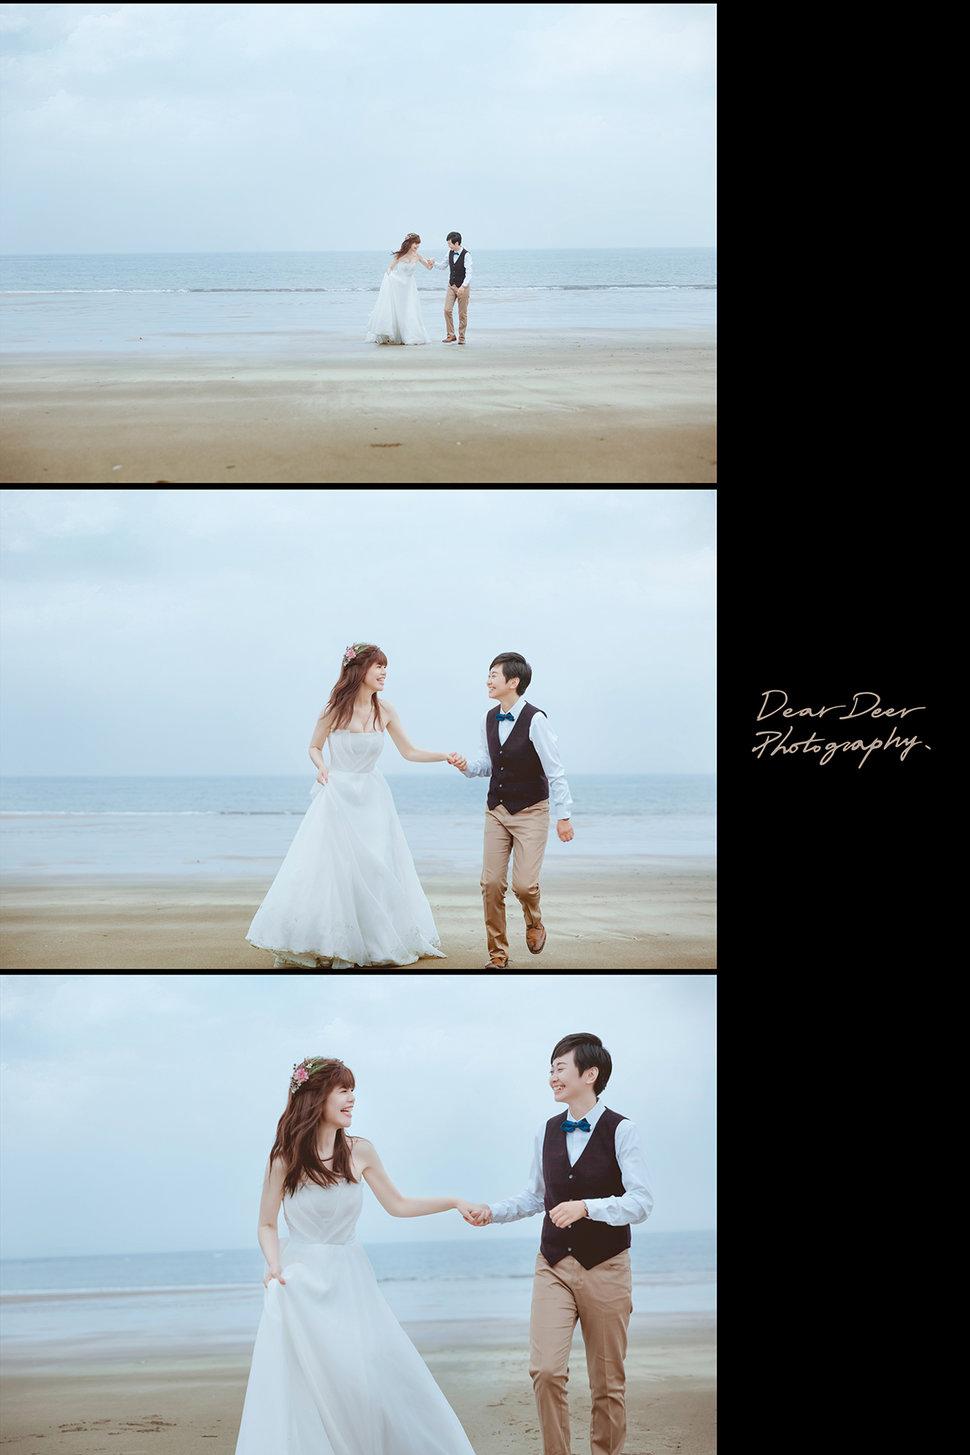 Dear Deer|同志婚紗(編號:3346167) - Dear Deer鹿兒攝影|女攝影師蘇蔓《結婚吧》